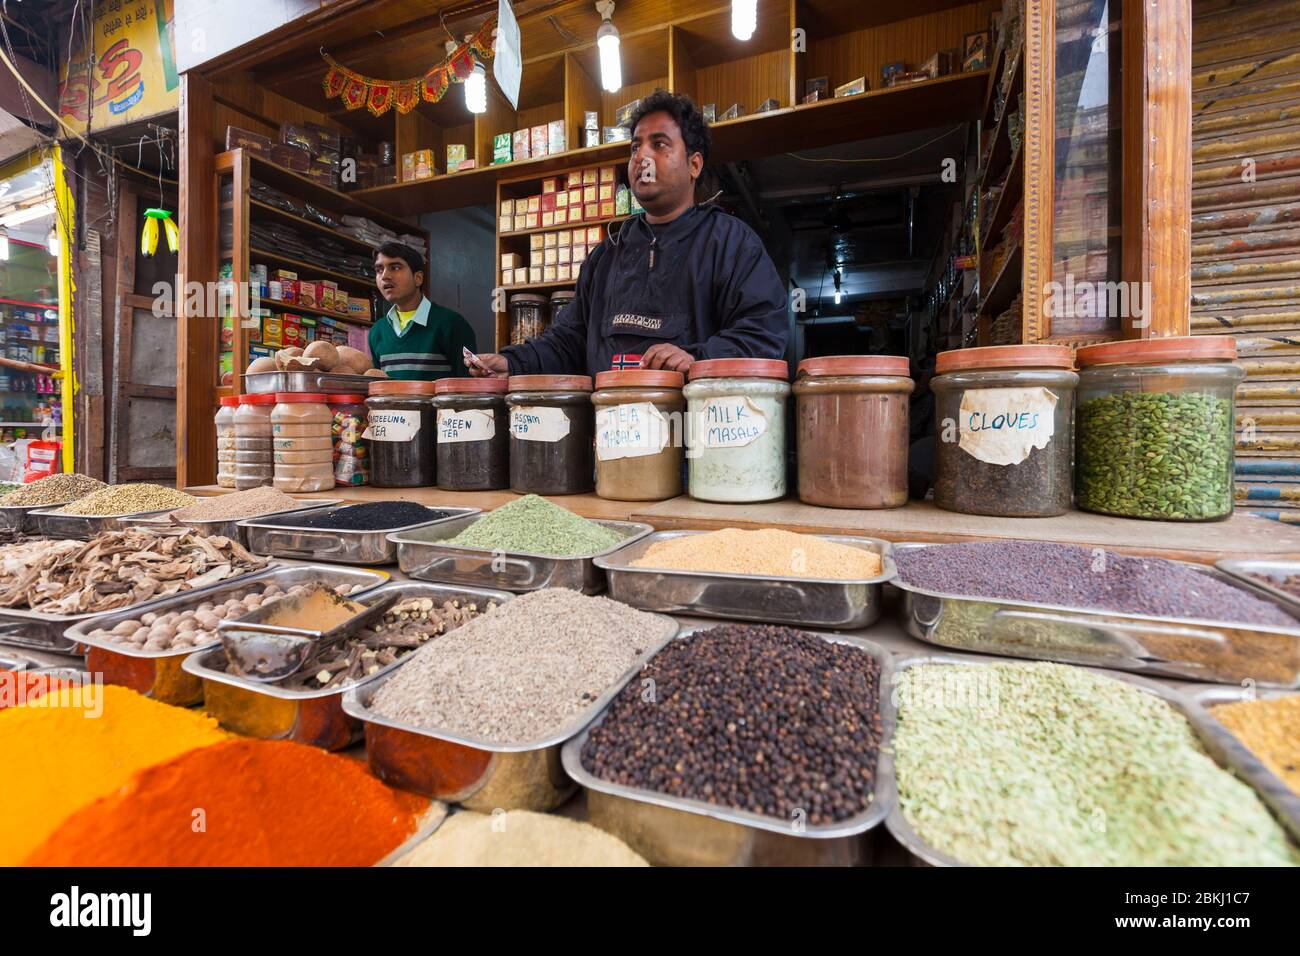 India, Territorio Nacional de la Capital de Delhi, Nueva Delhi, Distrito de Paharganj, tienda de especias Foto de stock